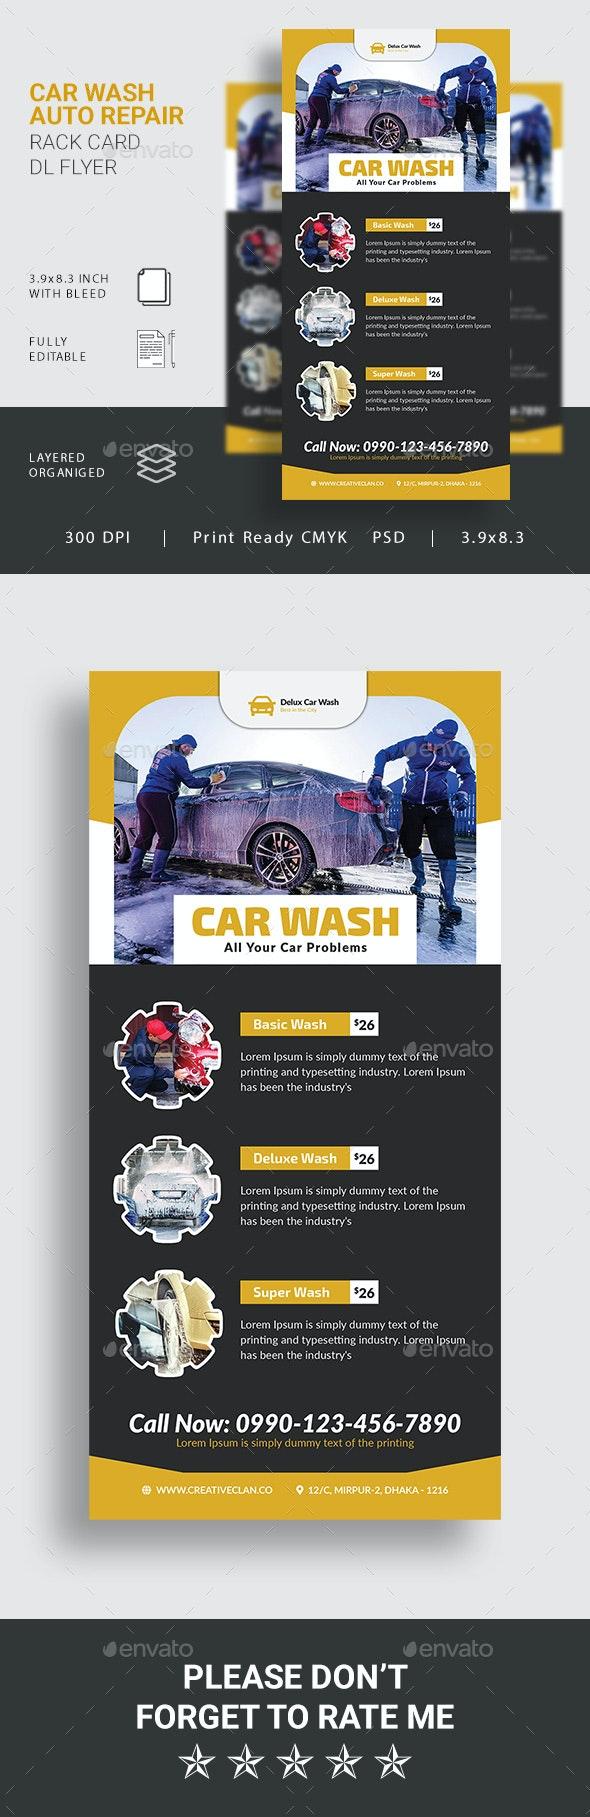 Car Wash Rack Card DL Flyer - Commerce Flyers